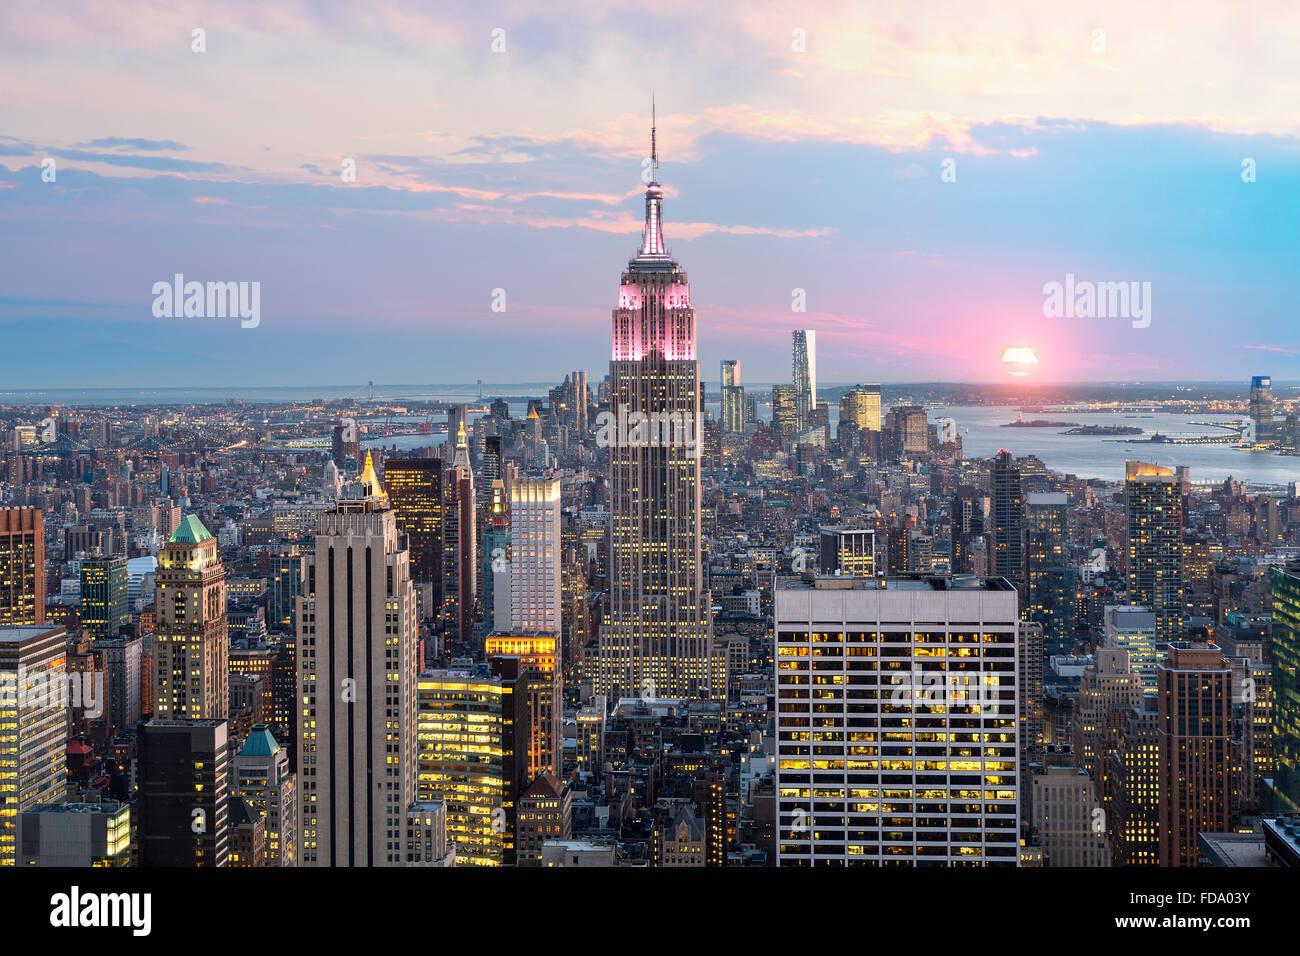 New York skyline della città con Empire State Building Immagini Stock